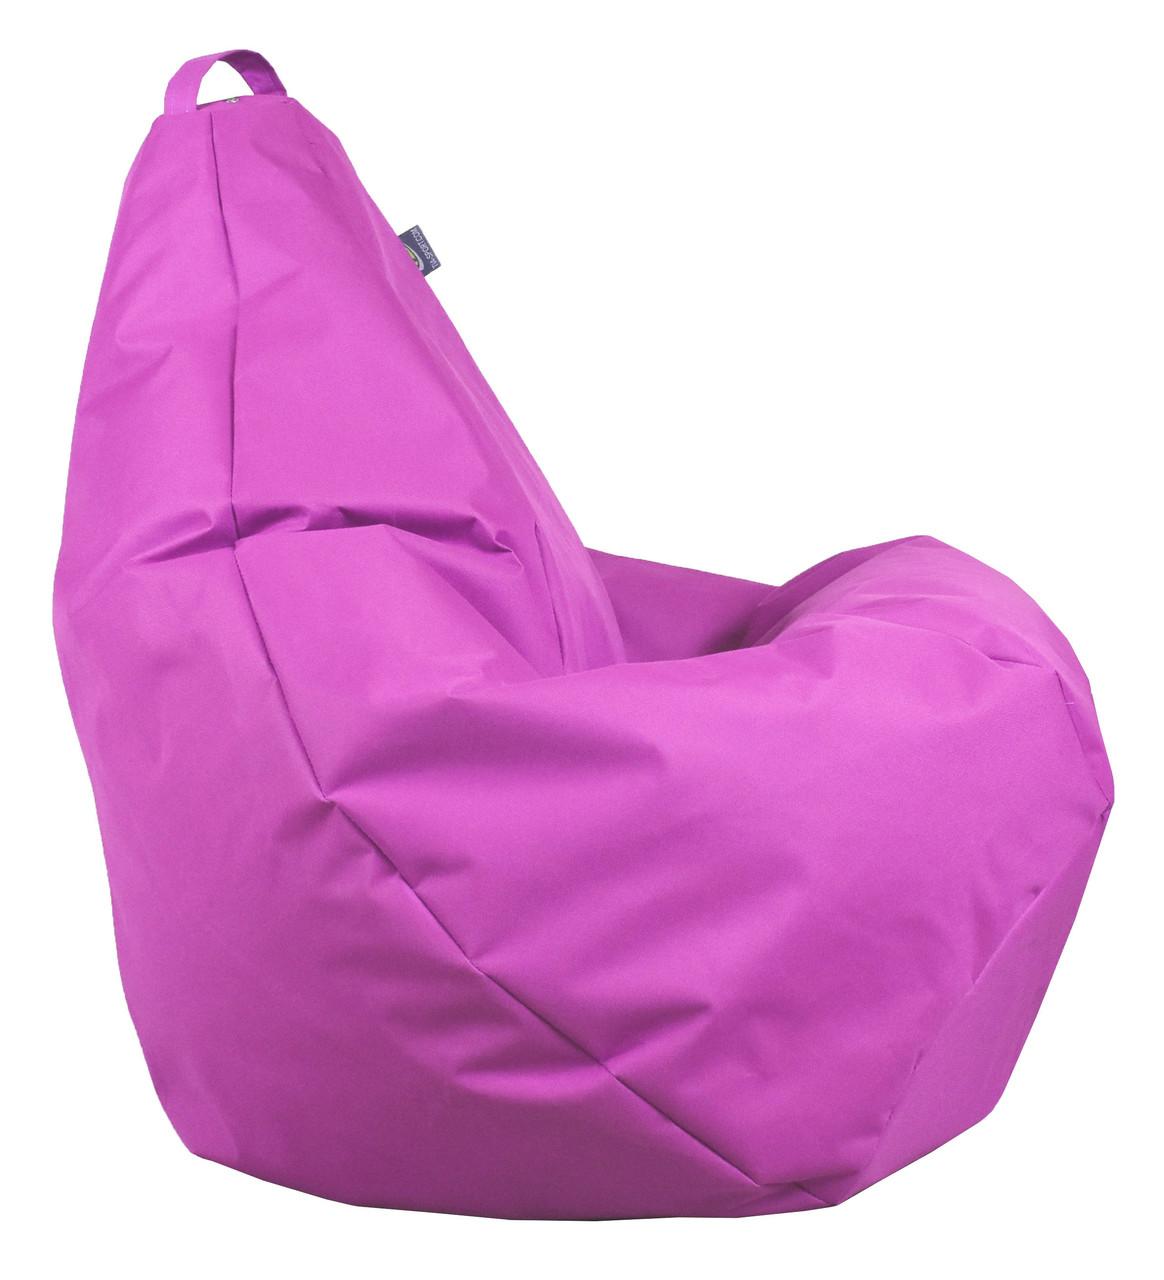 Крісло груша Оксфорд Світло-рожевий TIA-SPORT. ТС253